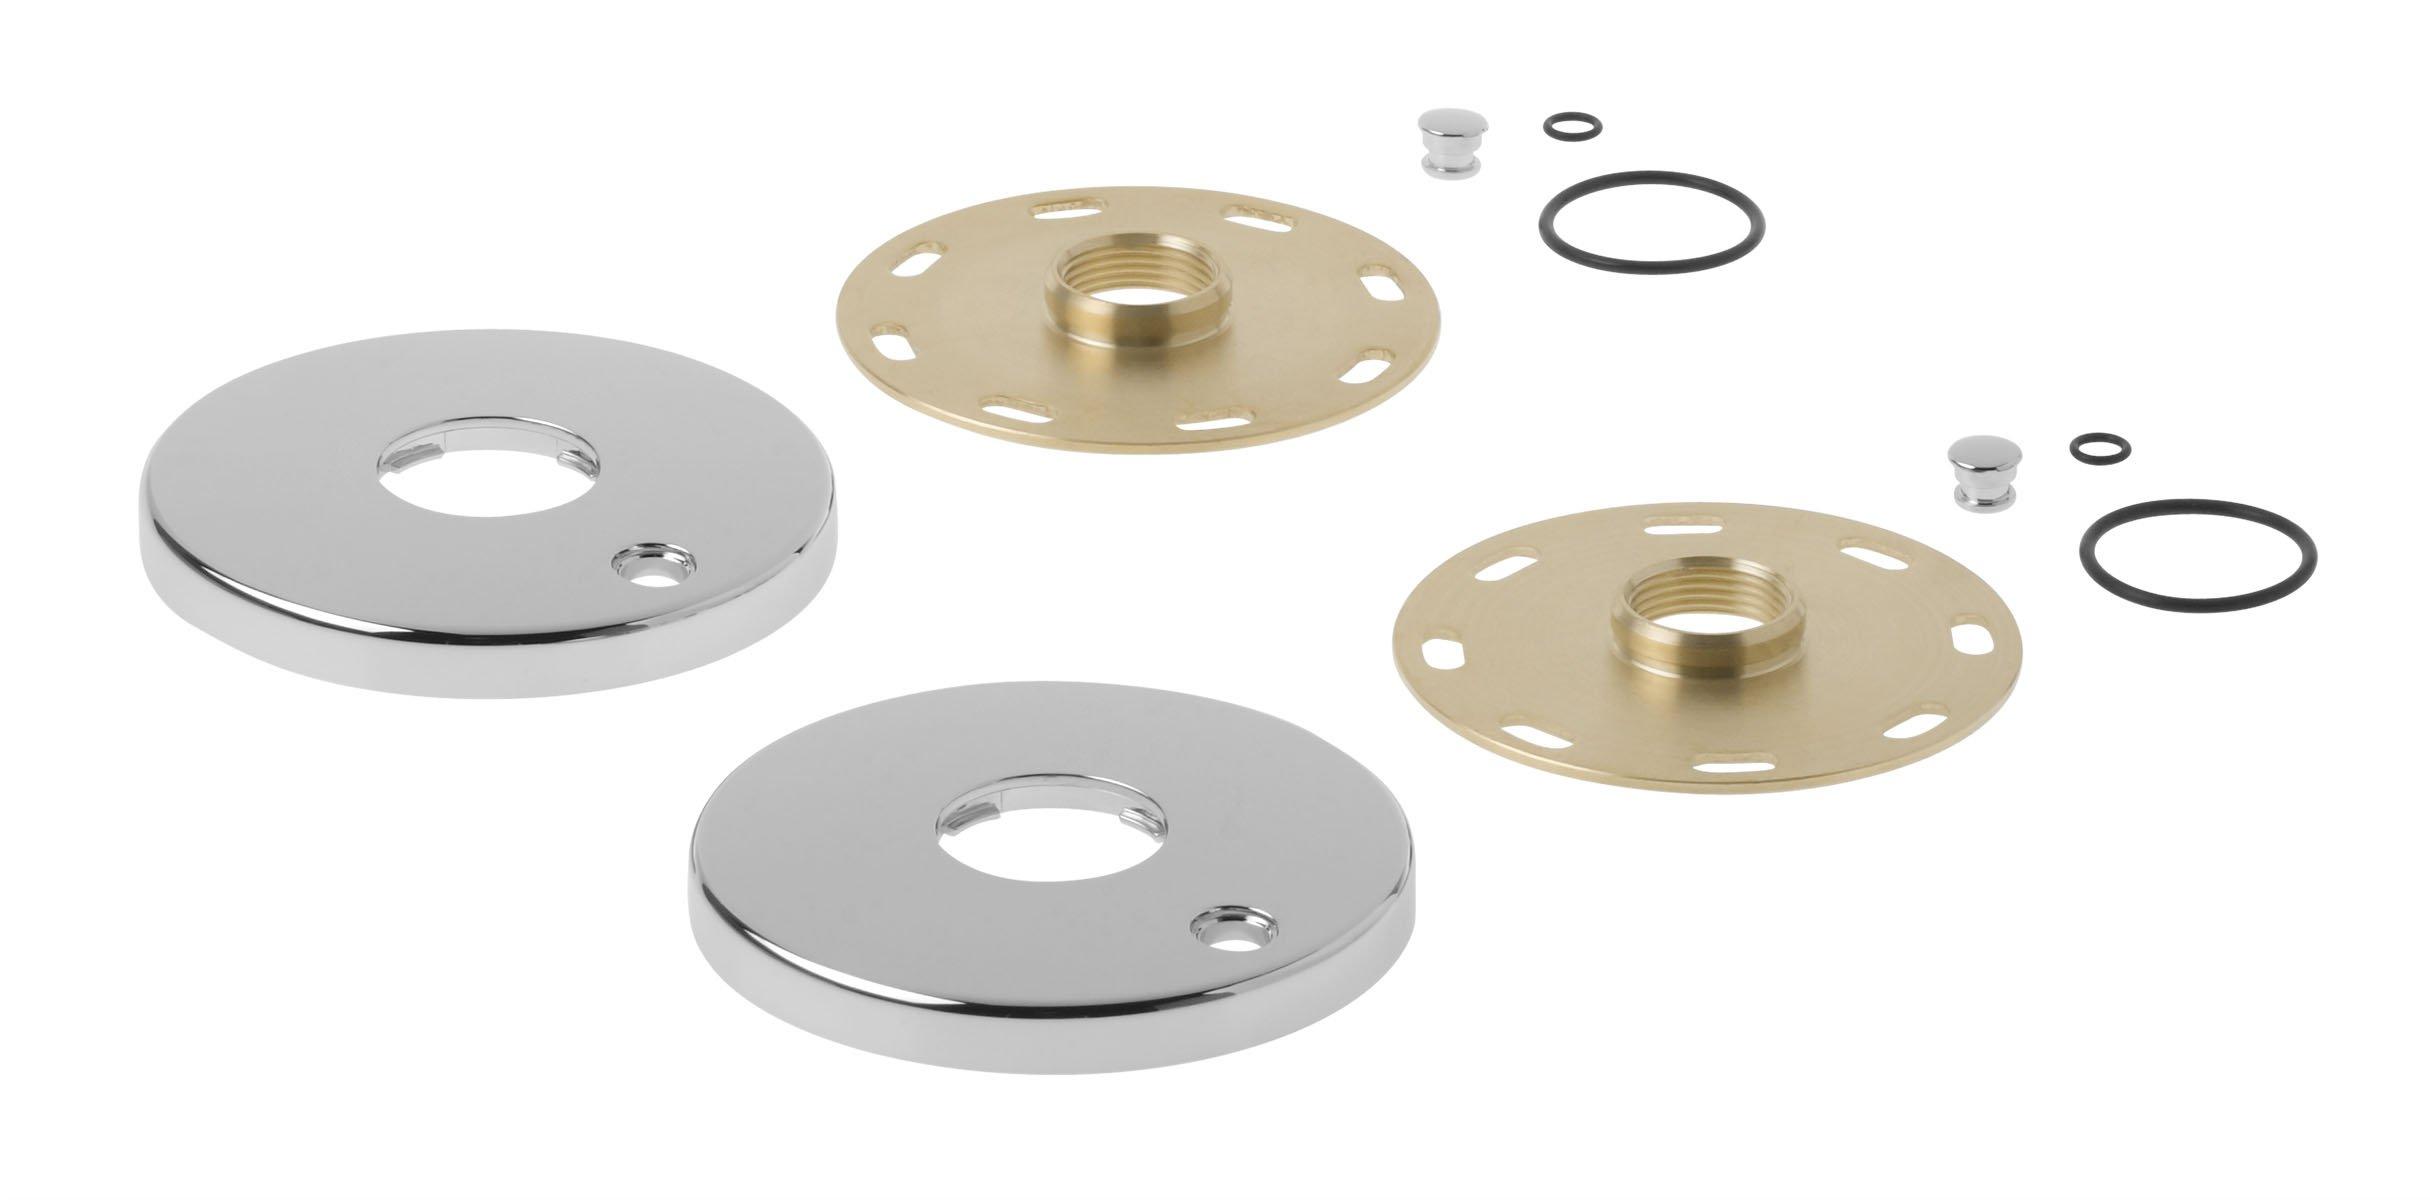 Kohler 1194302-CP Escutcheon/Mounting Collar Kit, Large